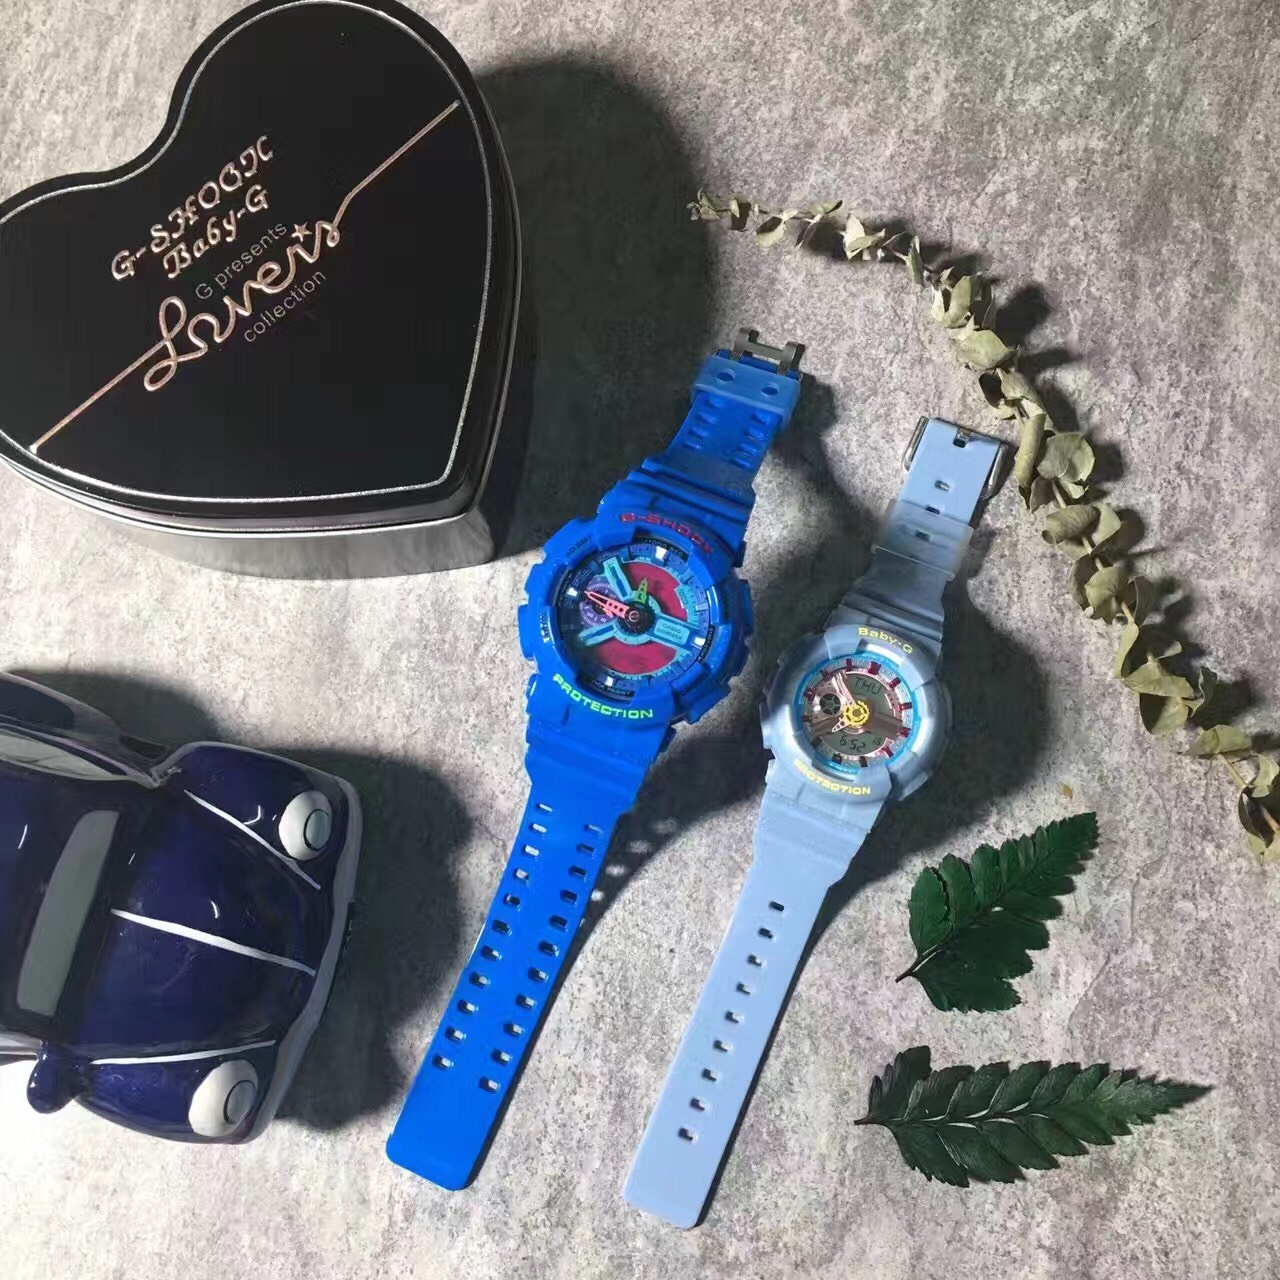 國外代購CASIO G-SHOCK GA110HC2 & BABY-G BA110CA2A  情侶對錶 雙顯 防水手錶